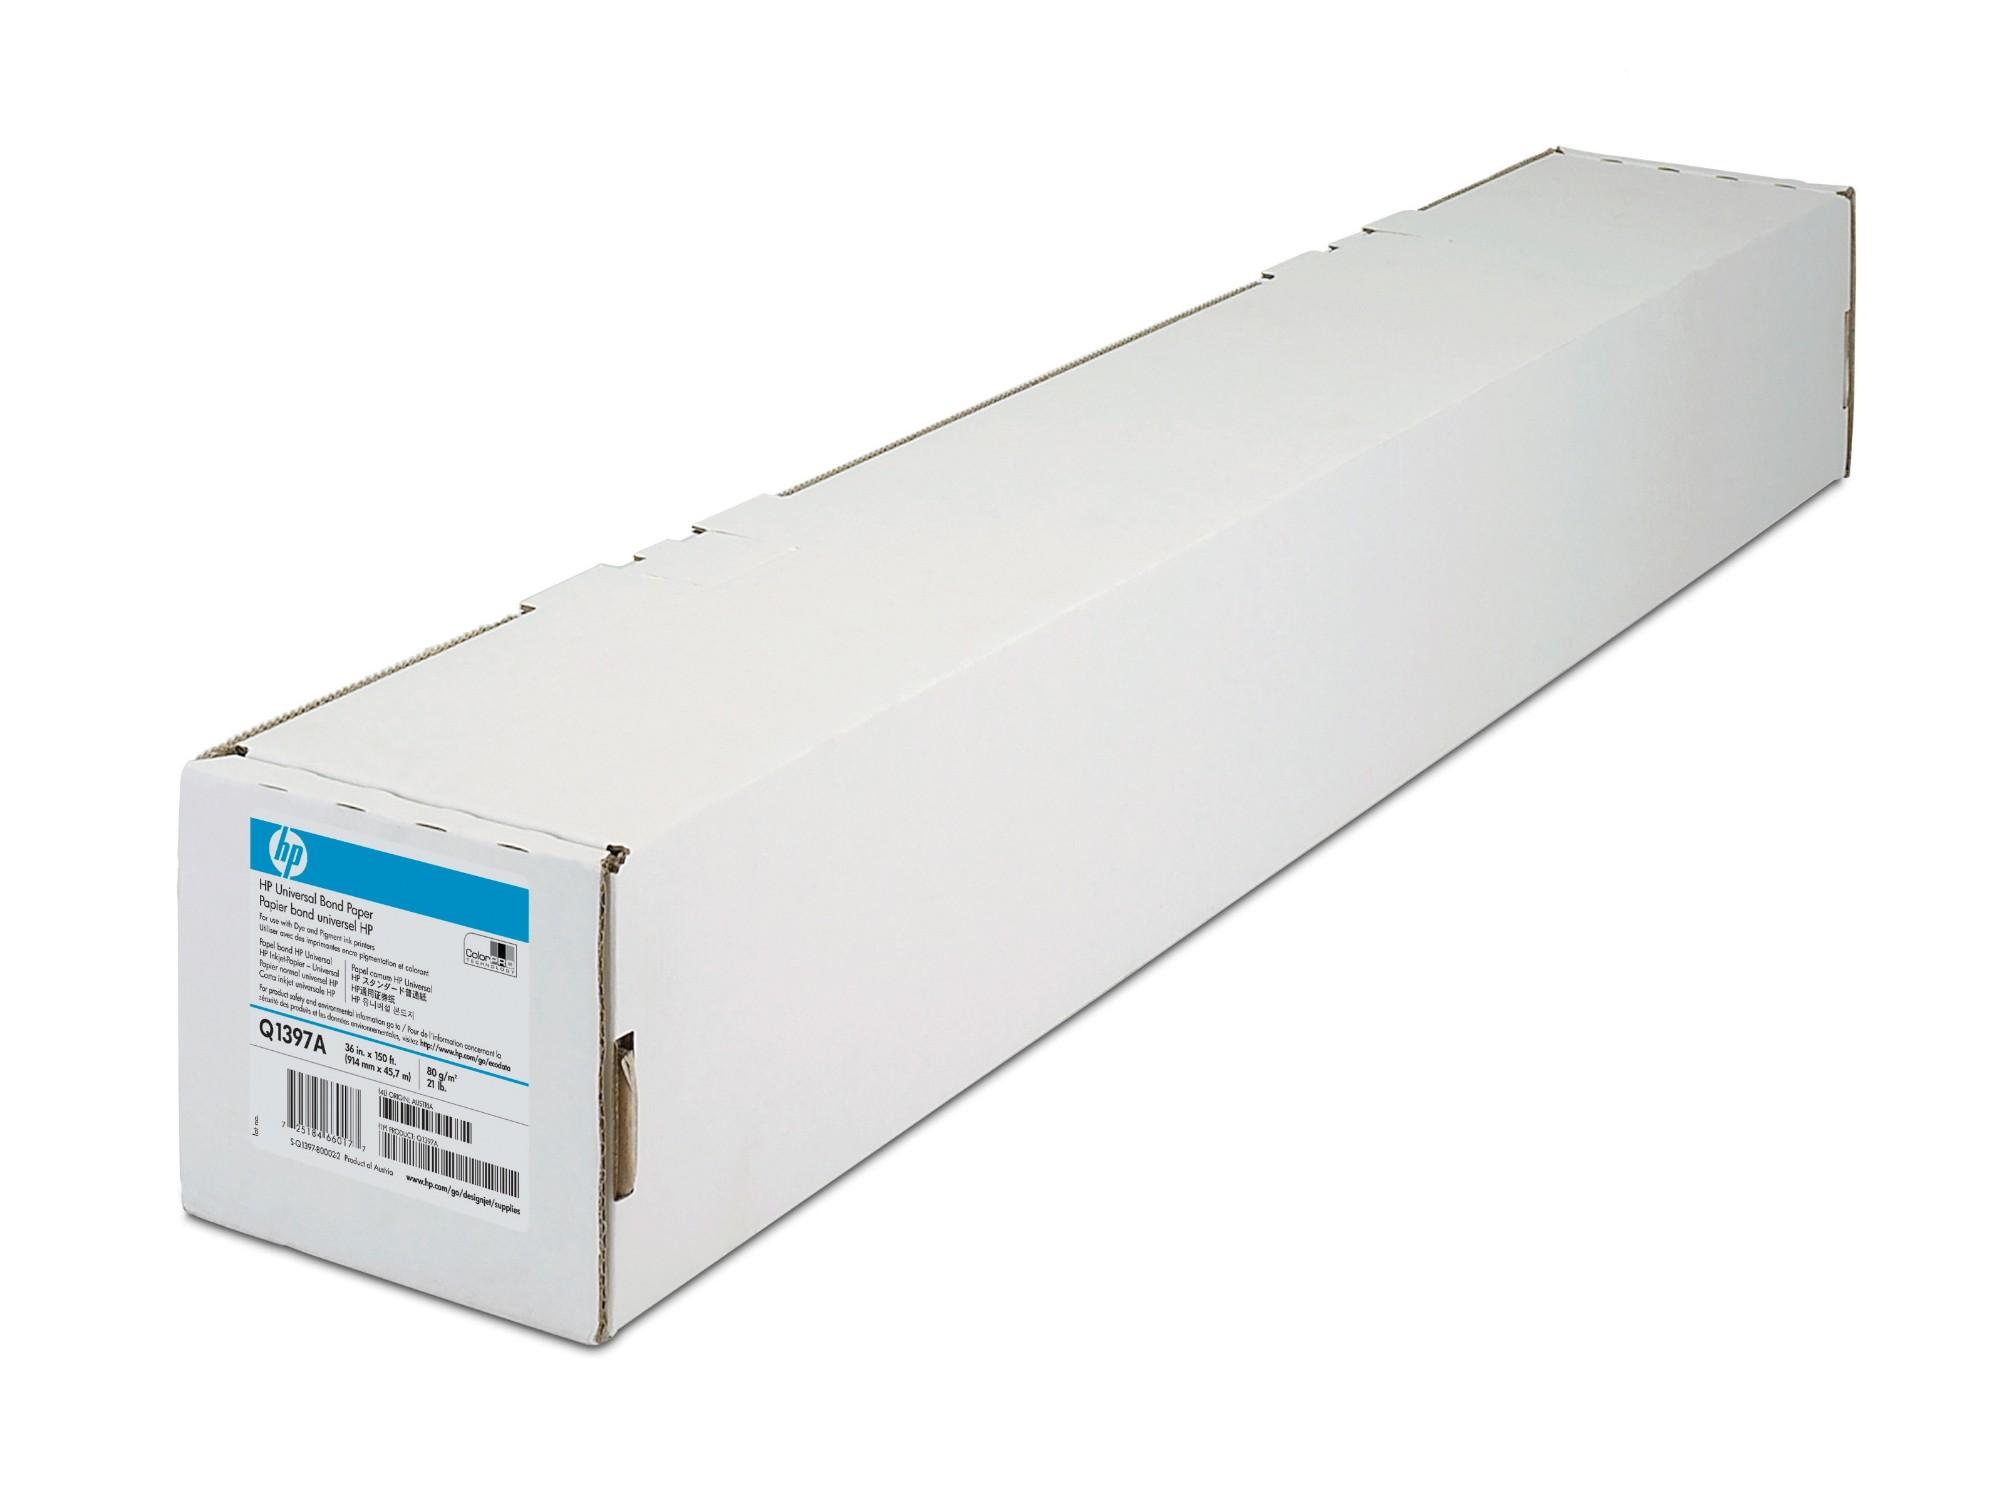 HP Q1397A plotter paper